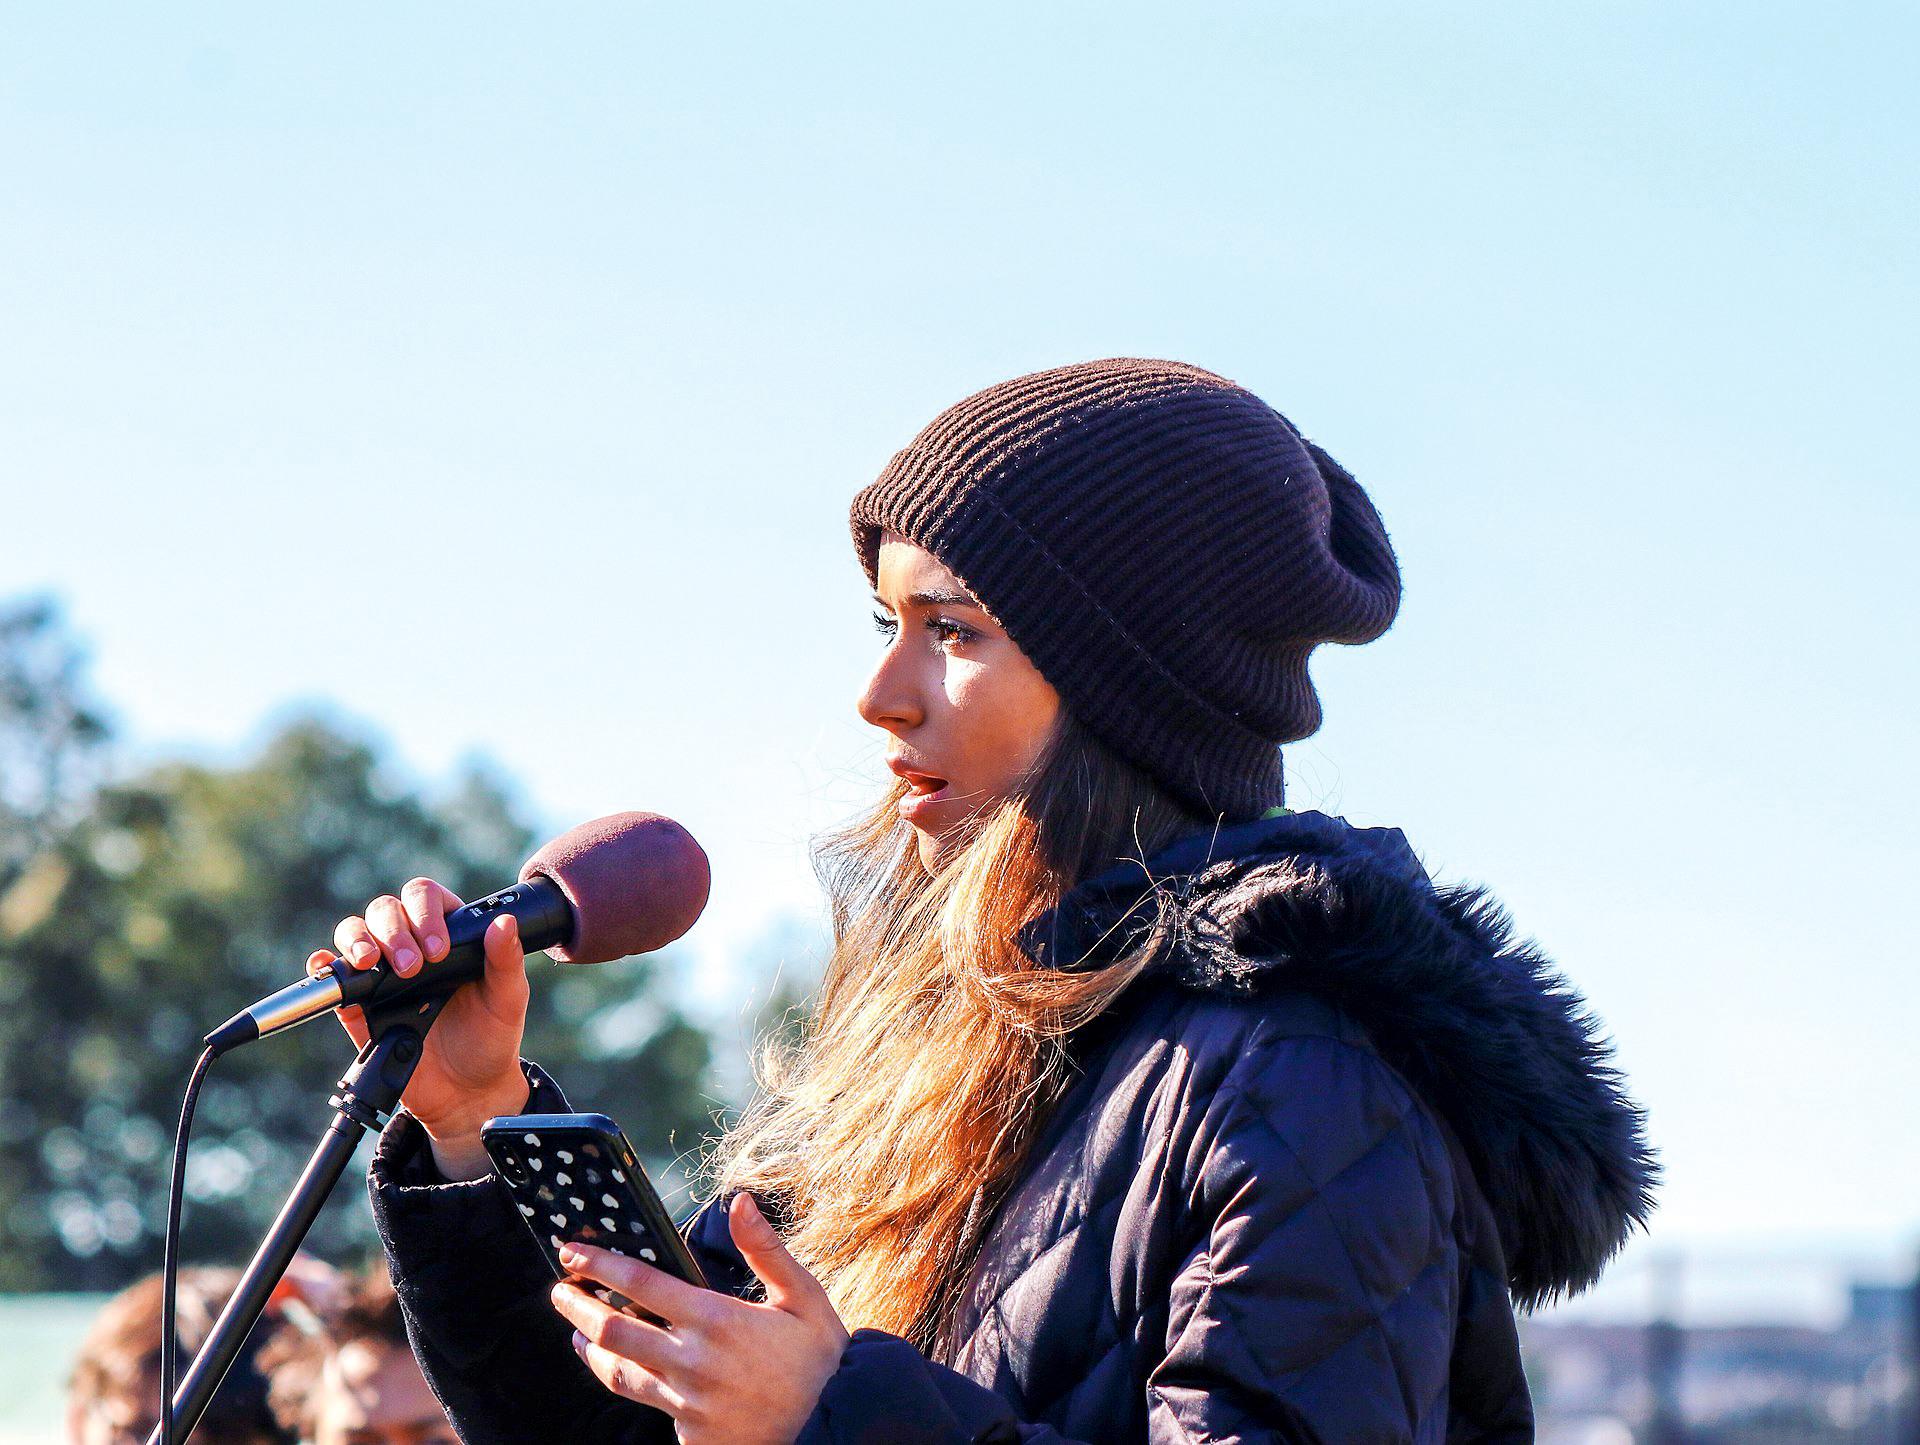 """<p class=""""text-align-center"""">WIDERSTAND KENNT KEIN ALTER<br /> Die 18-jährige Sophia Kianni gründete eine Plattform, die Klimawandelinfos von jungen Freiwilligen in über hundert Sprachen übersetzen lässt</p>"""